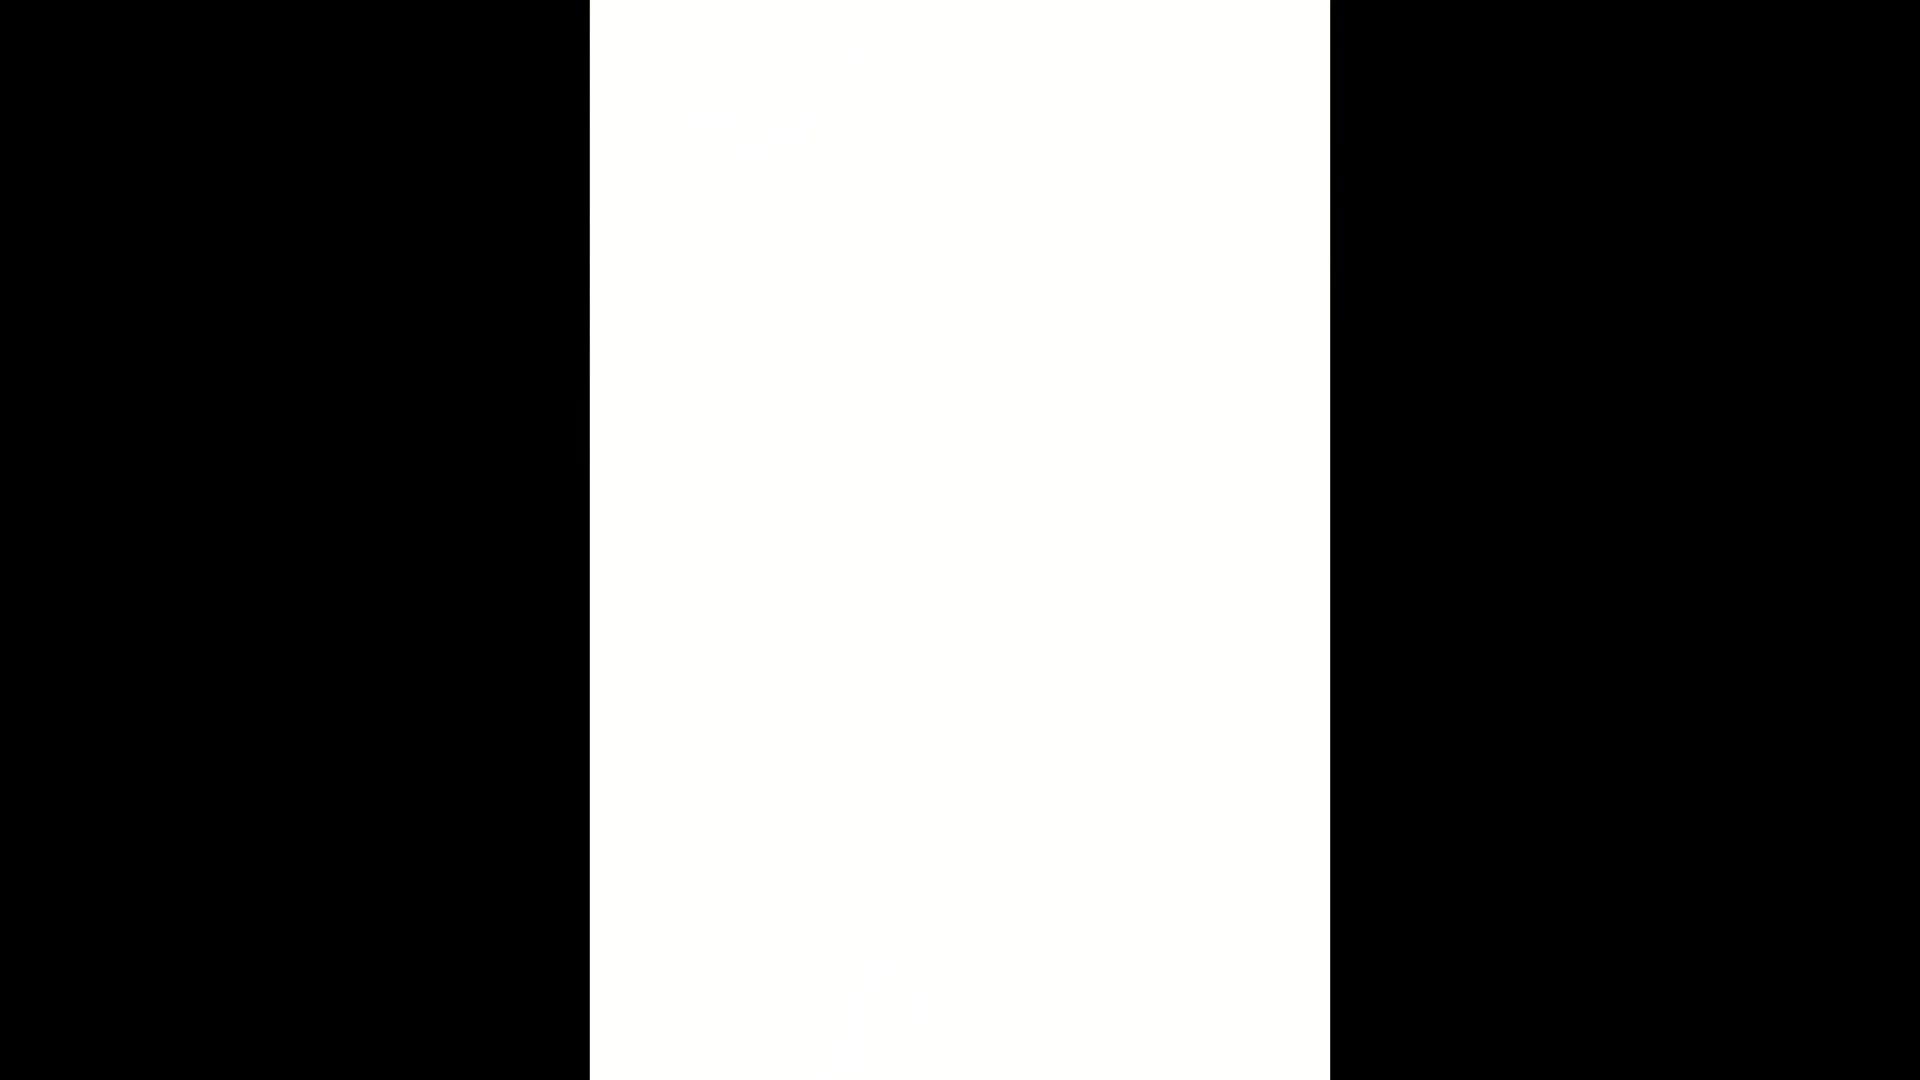 個人撮影 自慰の極意 Vol.31 モ無し エロビデオ紹介 67枚 64